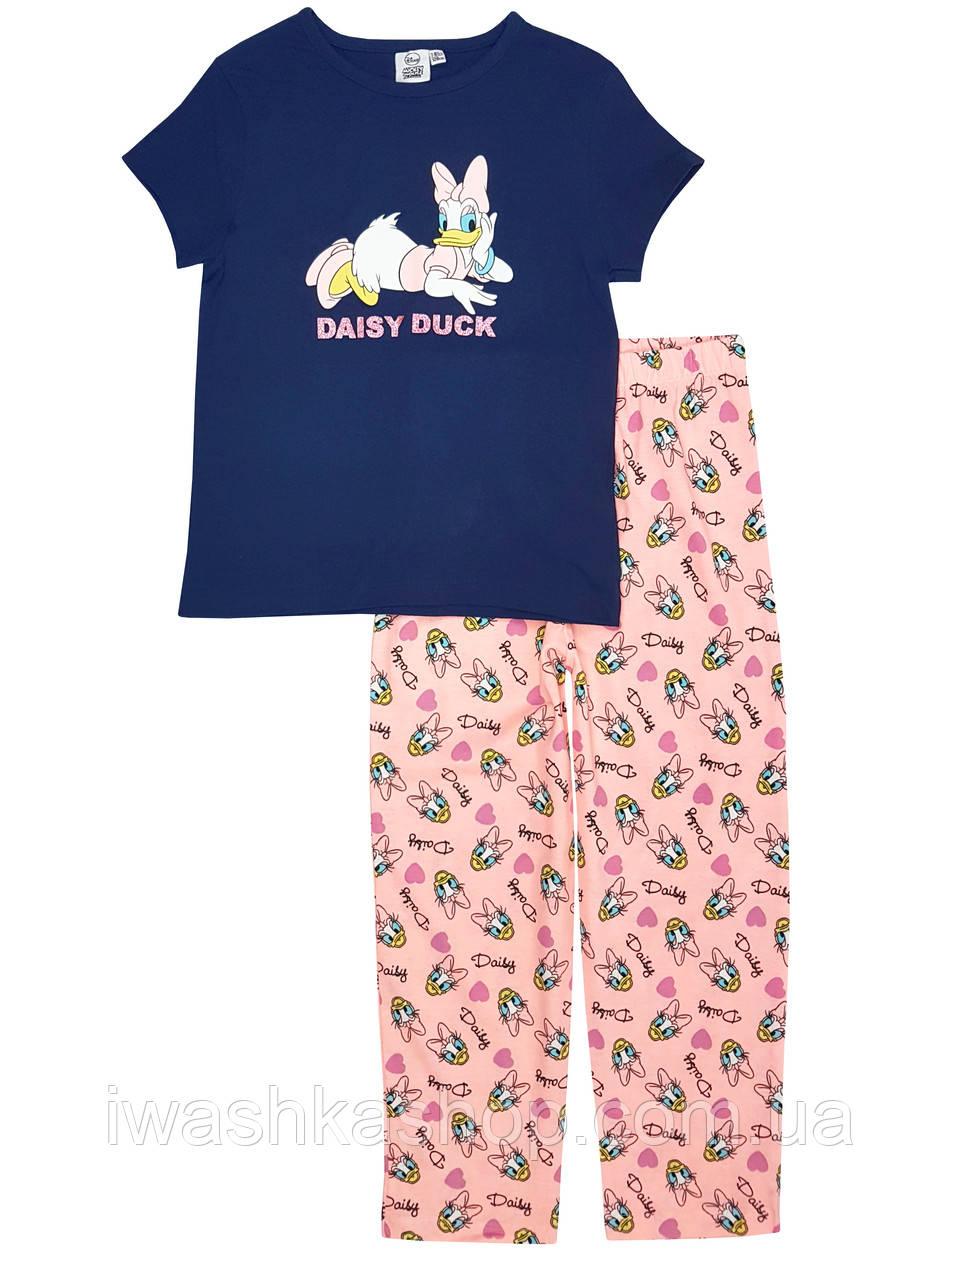 Бавовняна піжама з Дейзі на дівчинку 7 - 8 років, р. 128, Primark